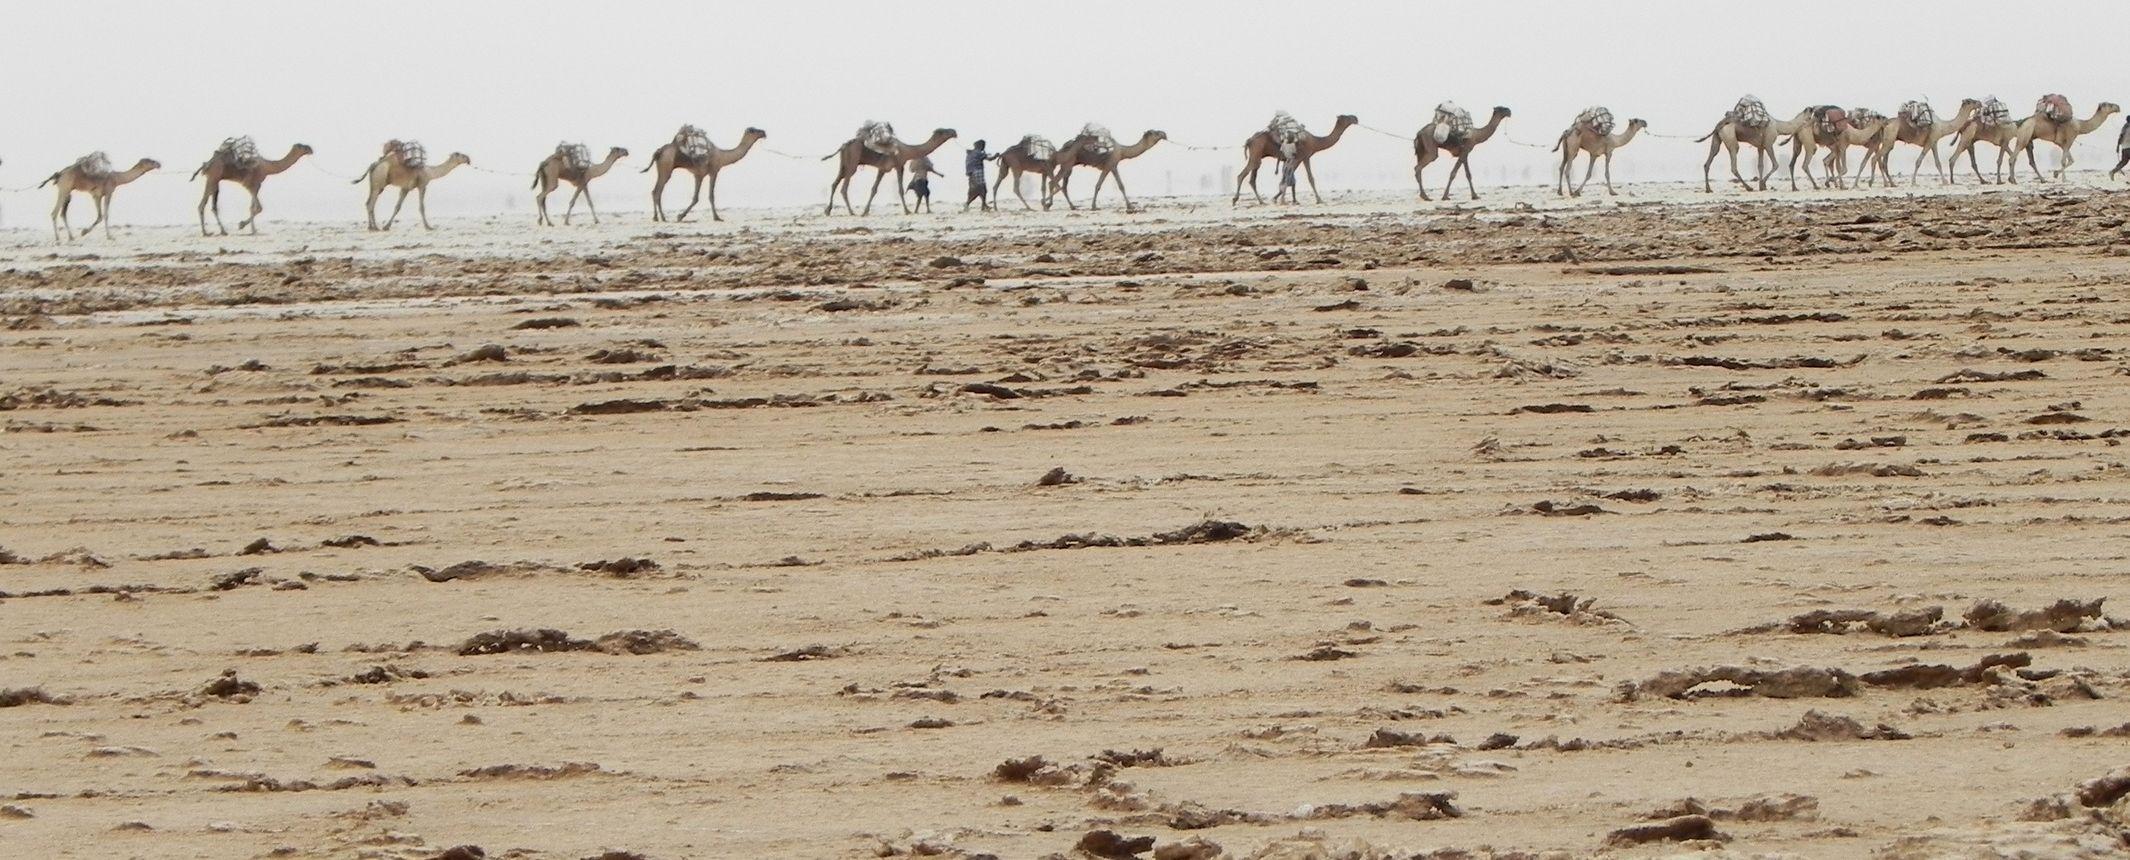 Etiopia - El otro Norte: Milhela en Axum, el Tigray, Danakil y Lalibela